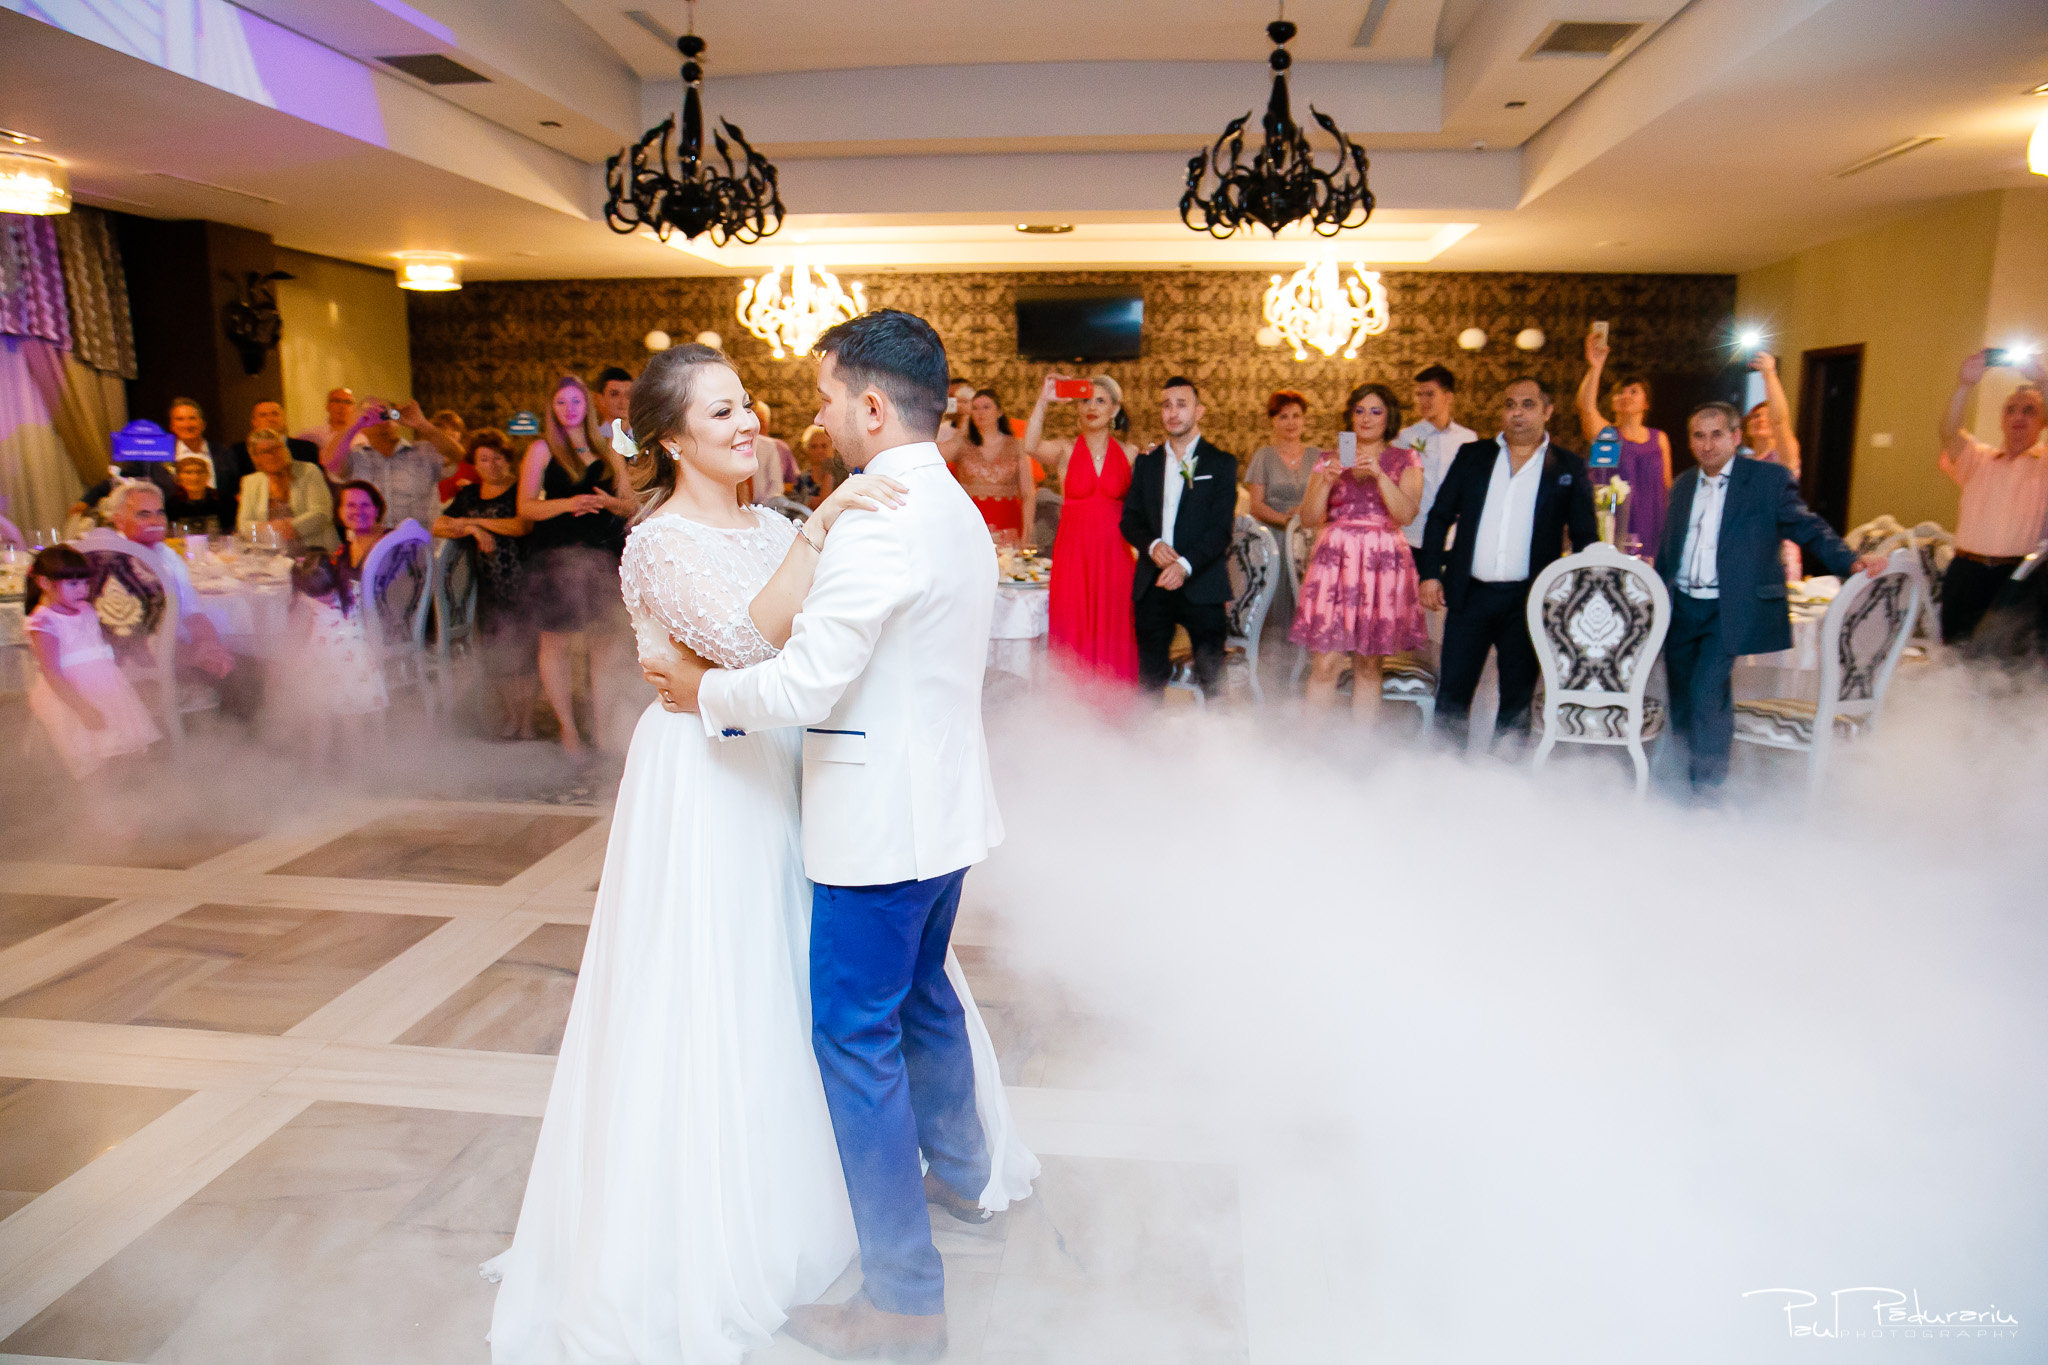 Petrecere la Pleaiada nunta Ema si Tudor fotograf profesionist de nunta iasi www.paulpadurariu.ro © 2017 Paul Padurariu dansul mirilor 1